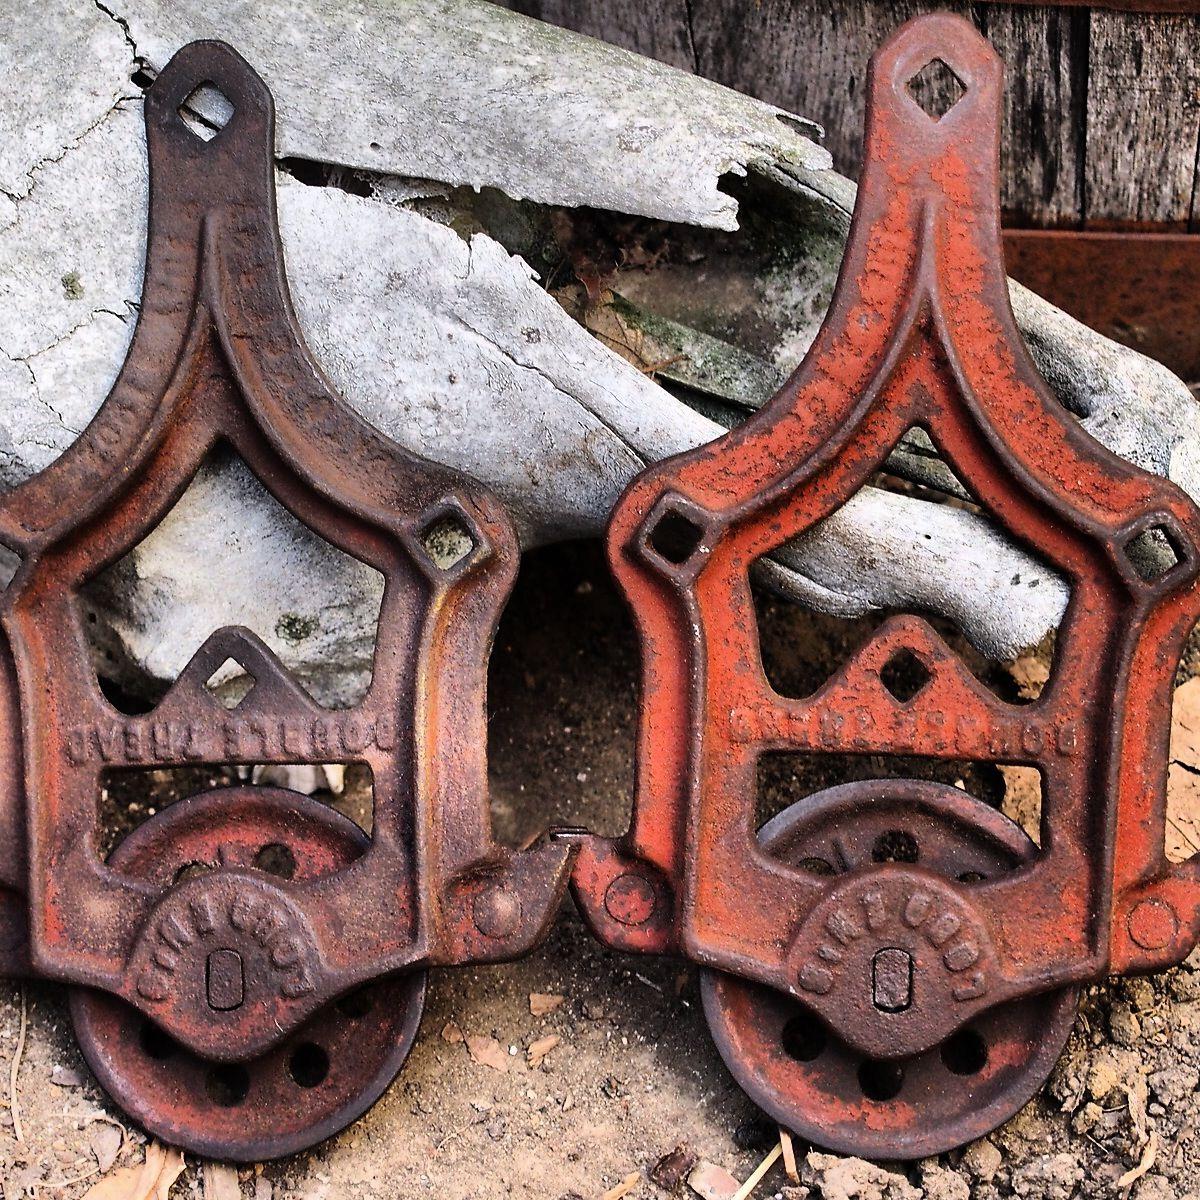 Antique Barn door hardware - Antique Barn Door Hardware Ideas For The Home Pinterest Barn